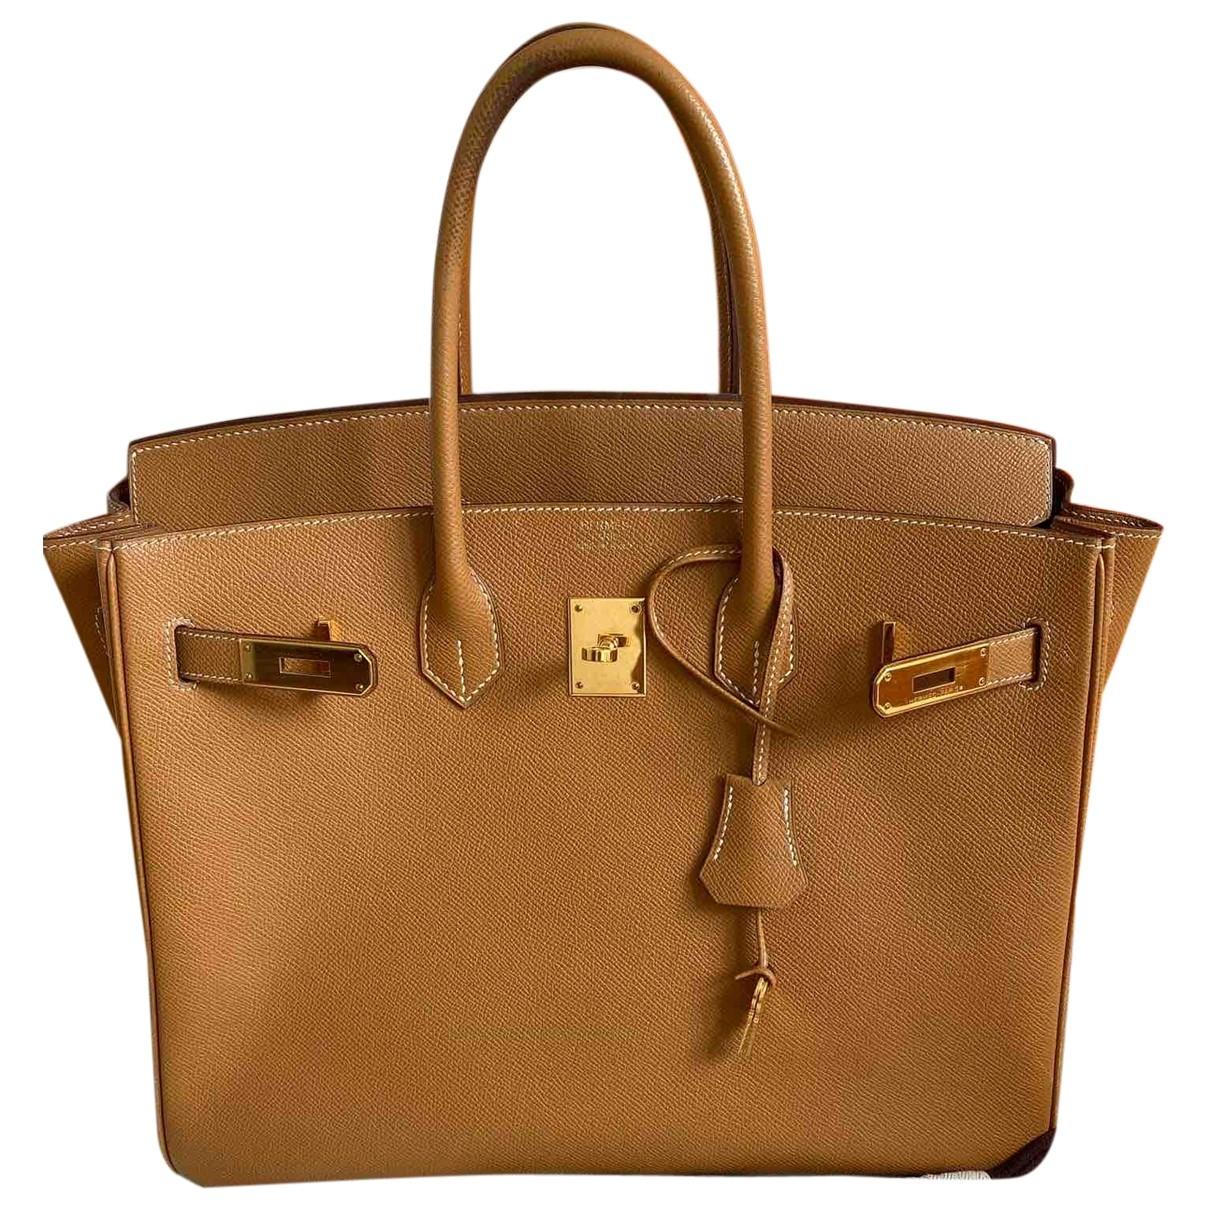 Hermes - Sac a main Birkin 35 pour femme en cuir - dore